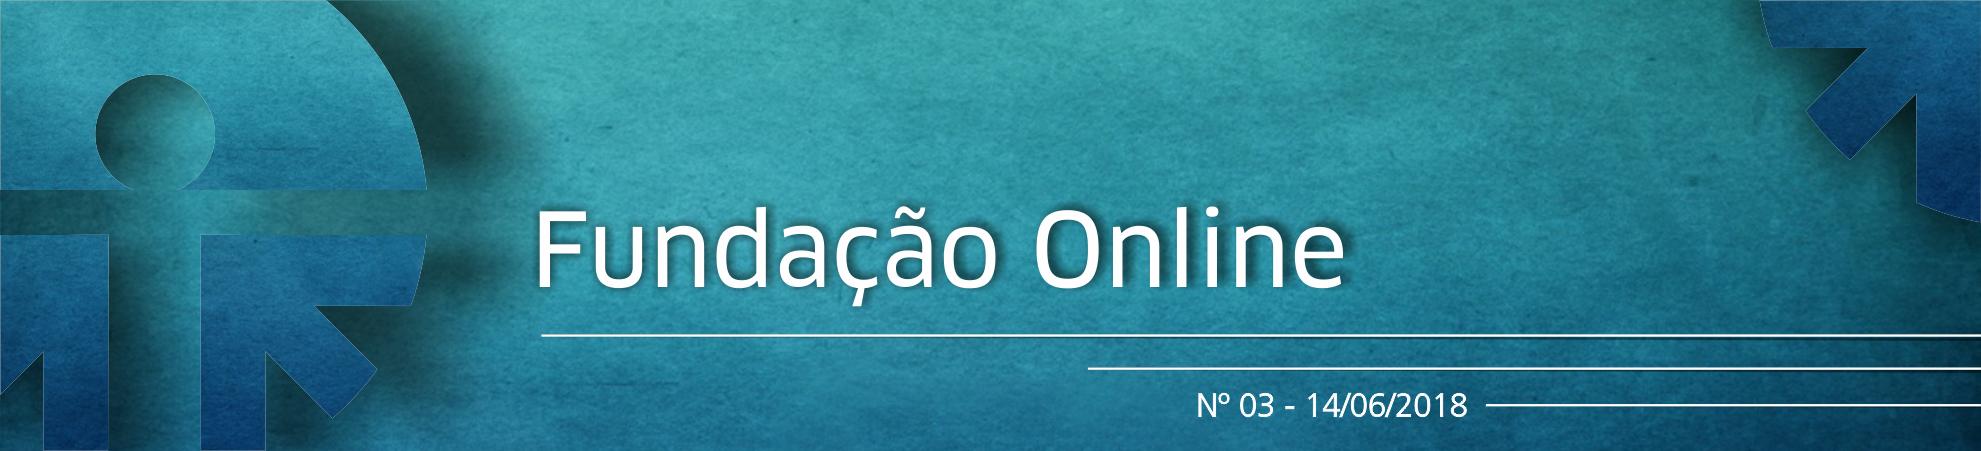 cabecalho_online_3